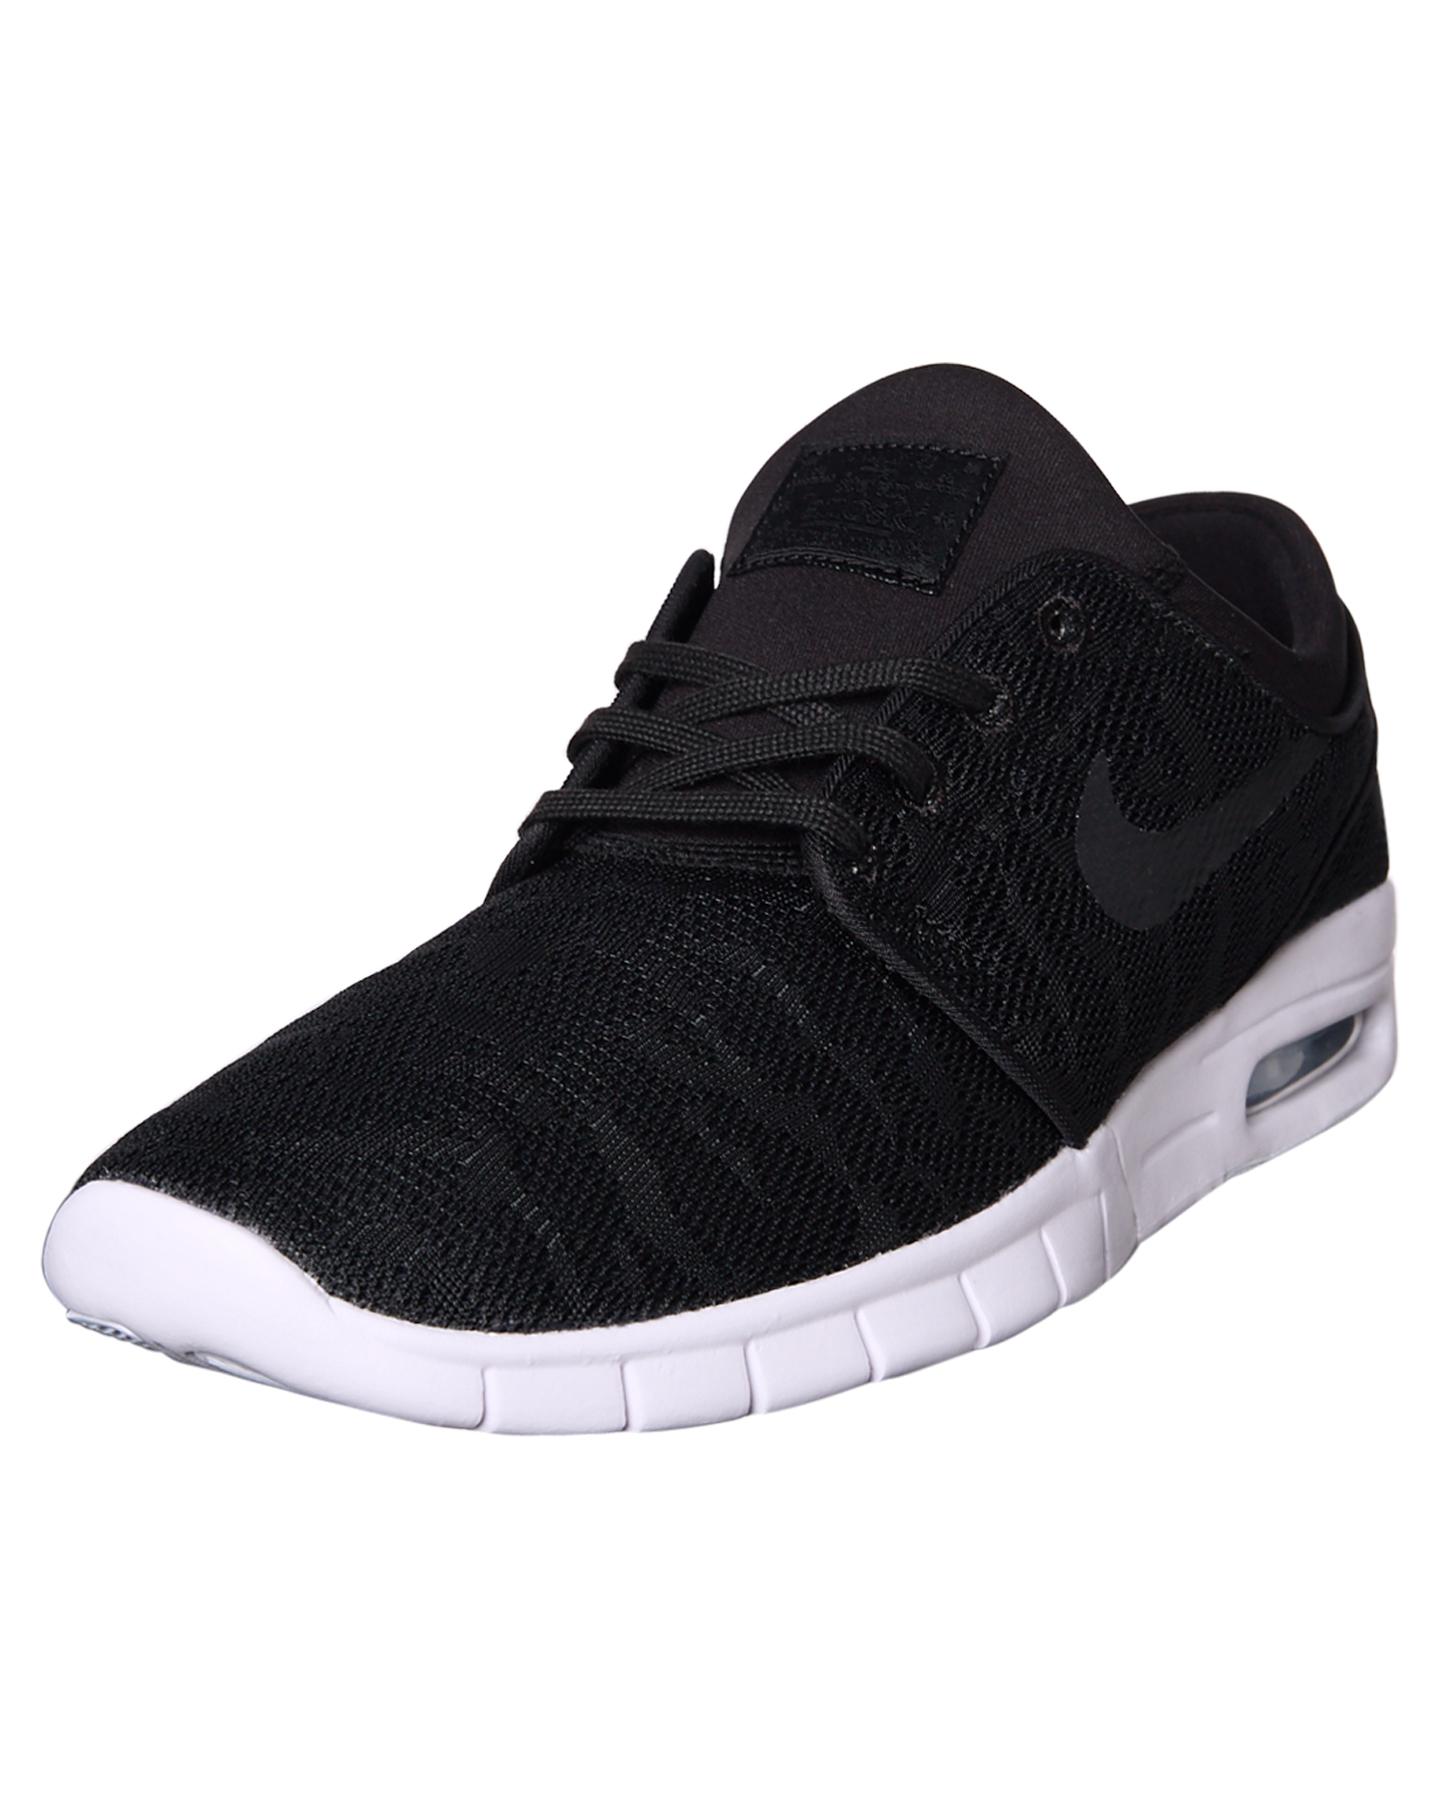 62e2ceb2ee4 ... BLACK WHITE WOMENS FOOTWEAR NIKE SNEAKERS - SS631303-022W ...